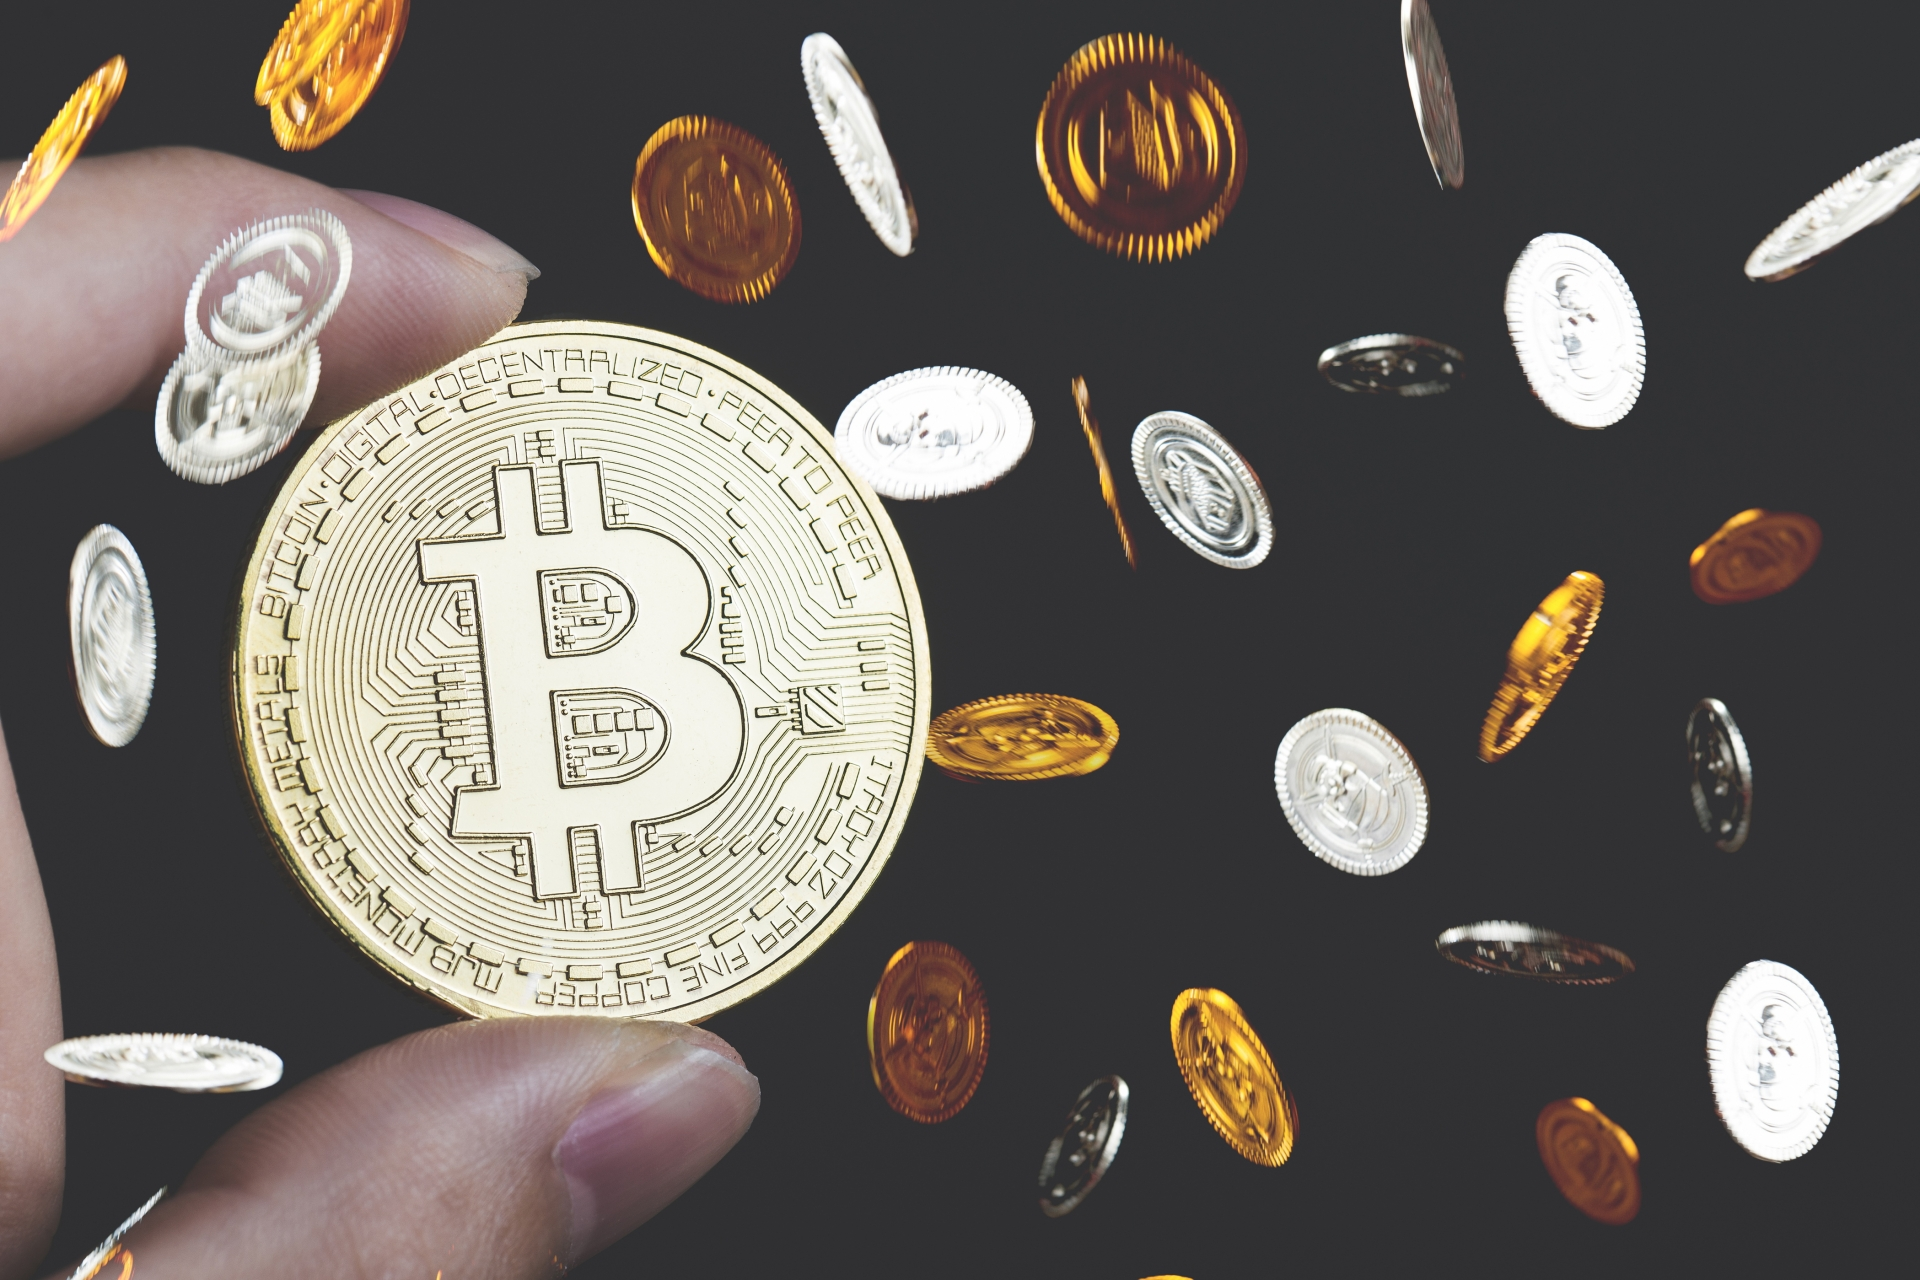 仮想通貨情報を提供するアプリの譲渡